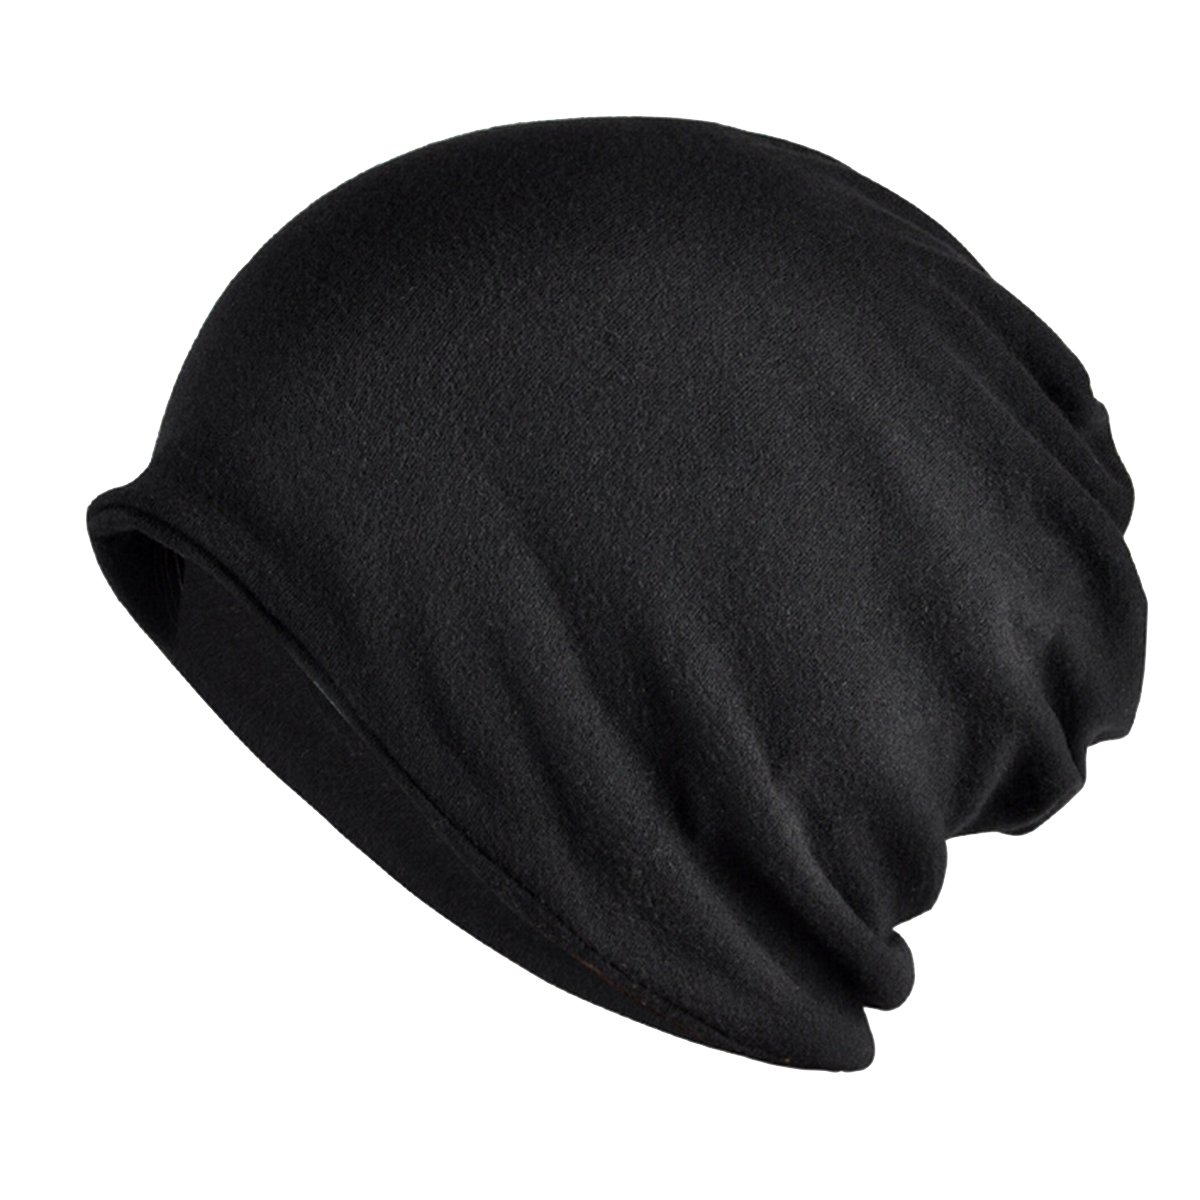 Butterme Cappello e berretto scaldamuscolo in cotone per donna e uomo Cappellino e berretto scaldamuscolo in cotone per uomo e donna 3 in 1 ZUMUii ZUMU00006183